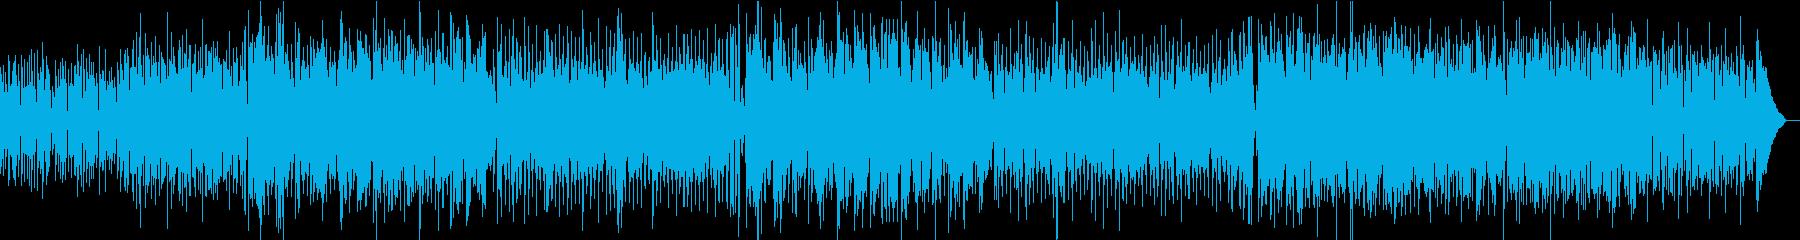 フルートとピアノが絡む夏のサンバの再生済みの波形